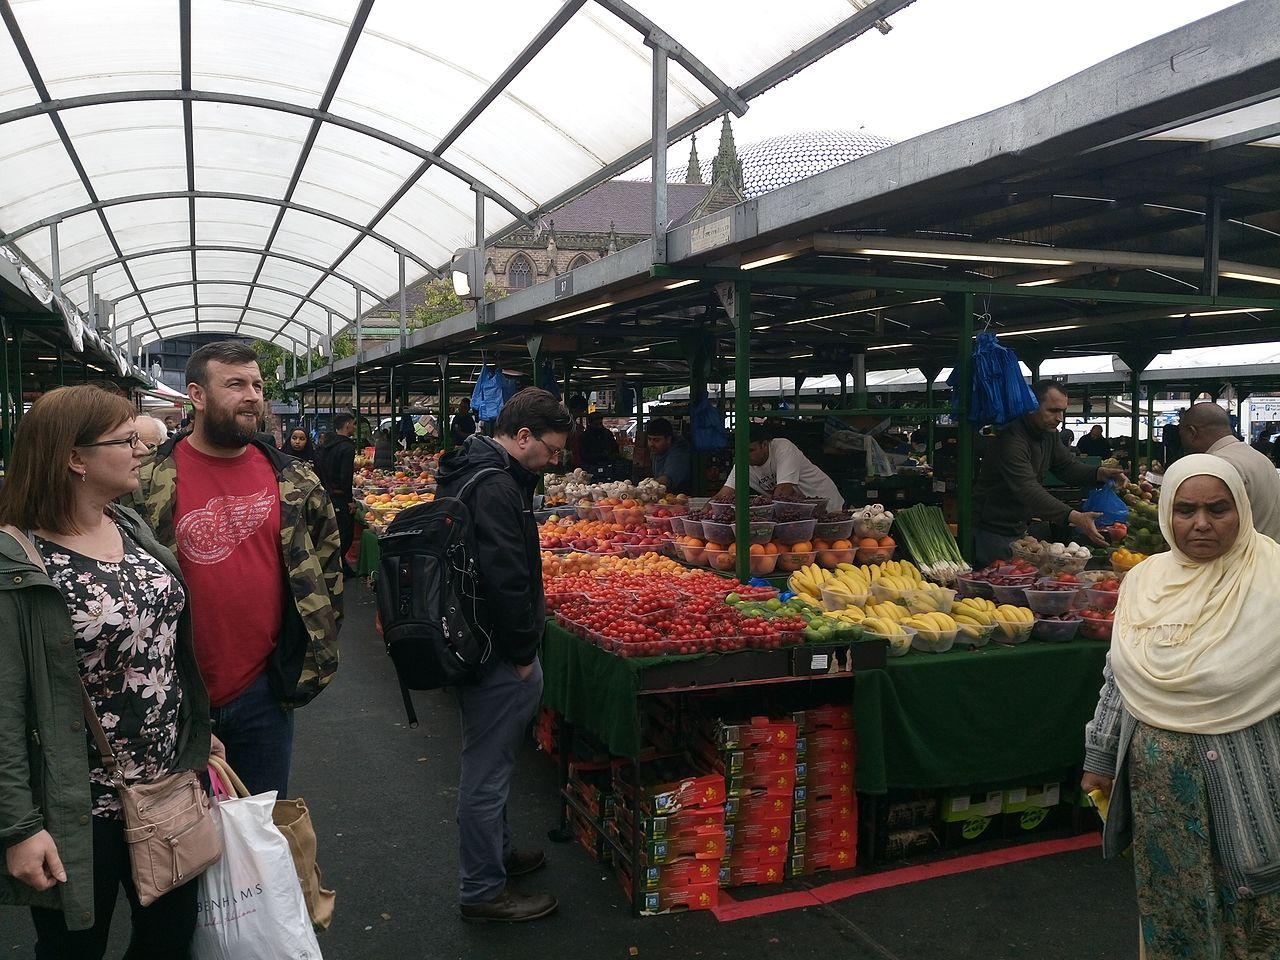 Bullring outdoor market 2016.jpg